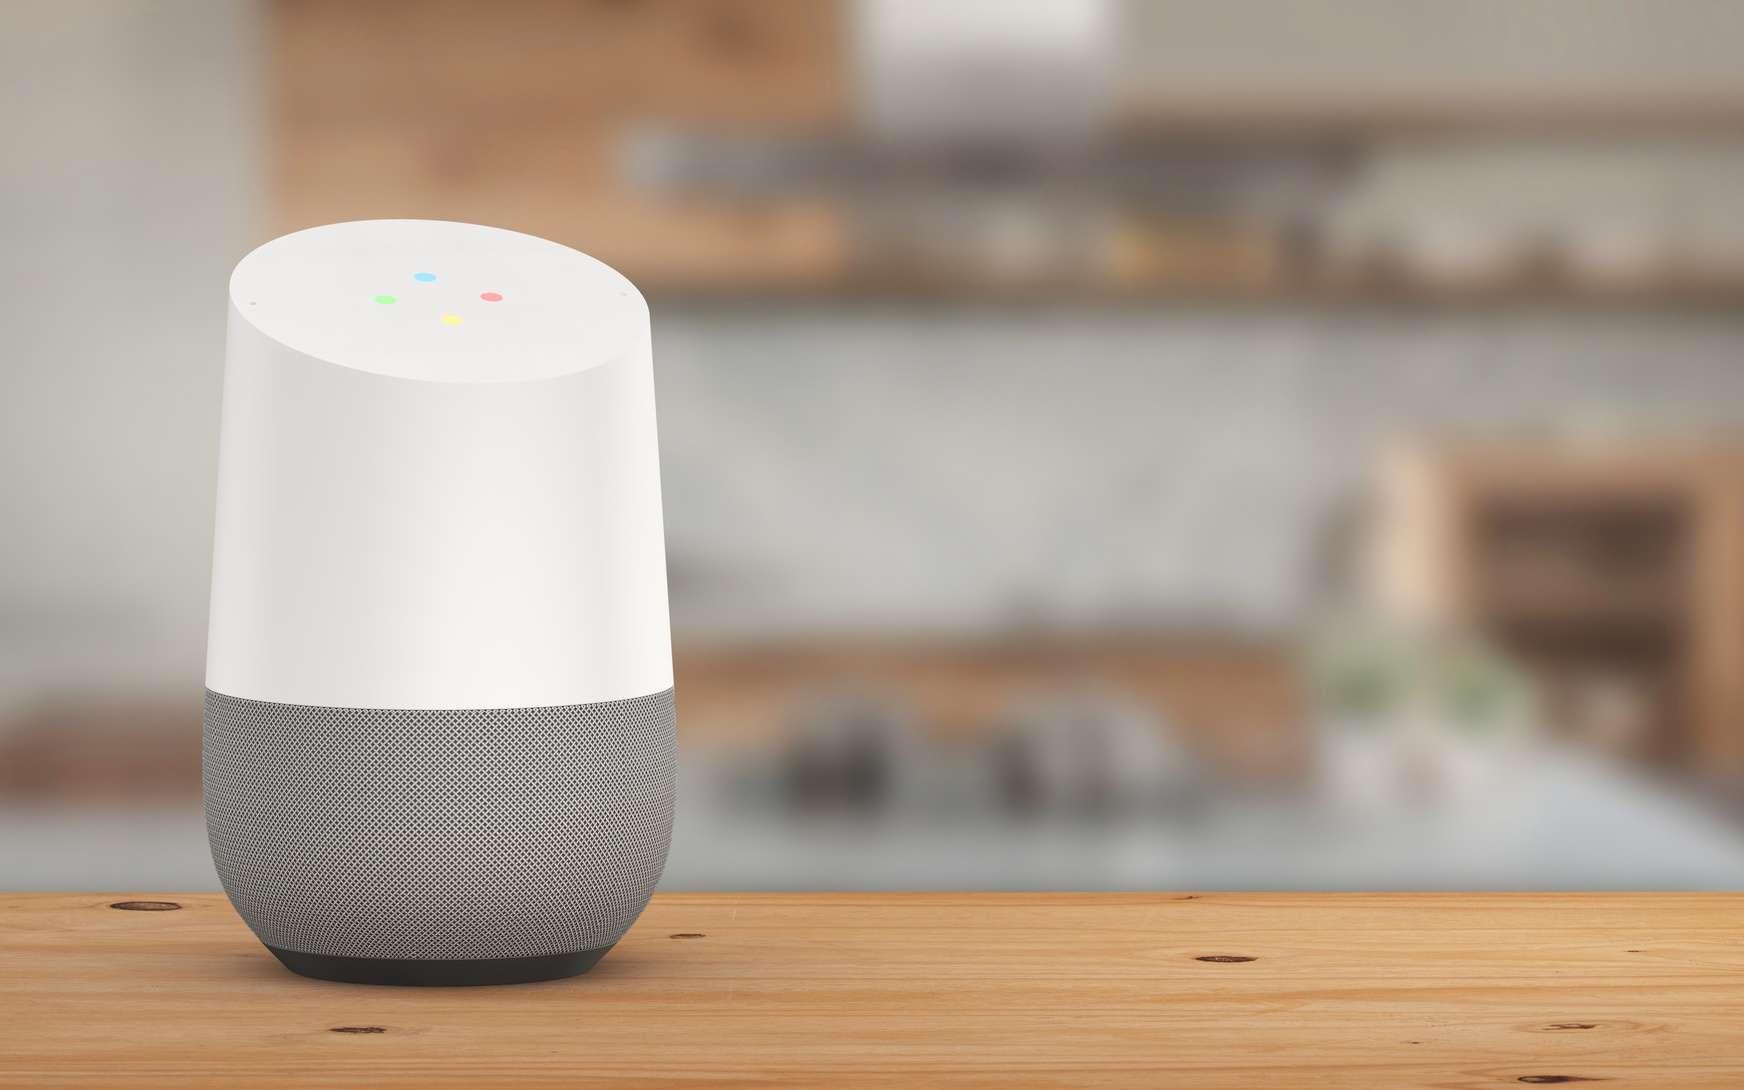 Qu'est-ce que Google Assistant ? © bht2000, fotolia